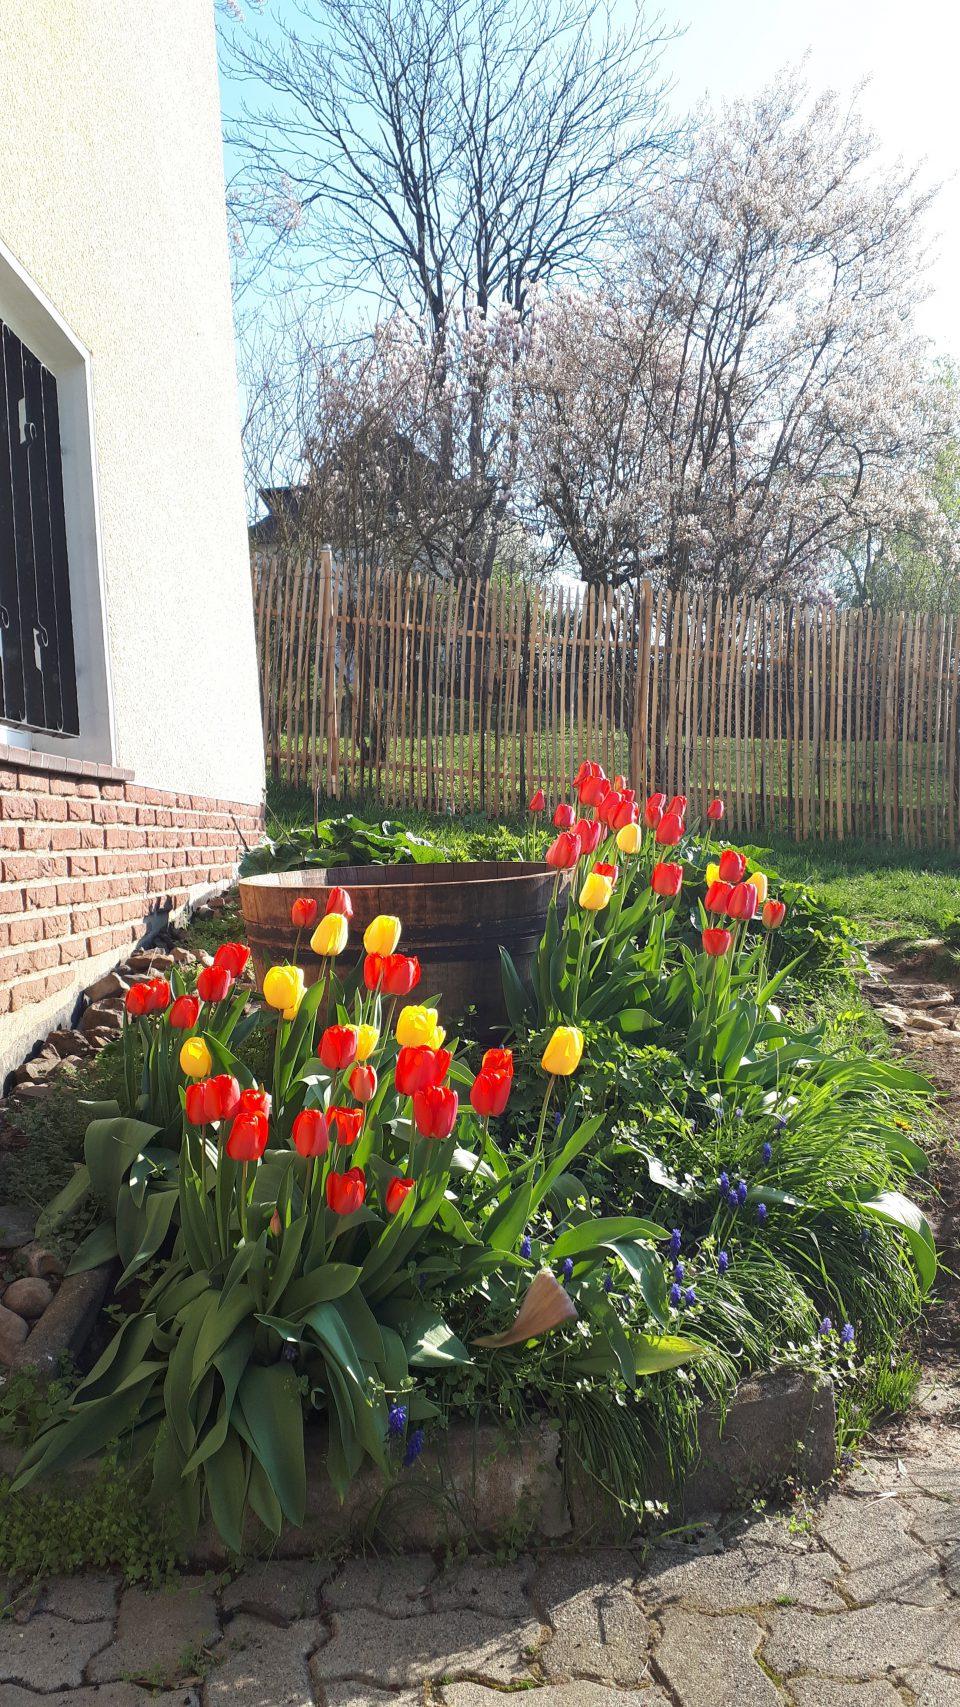 Neben der Eingangstür wurde ein halbiertes Weinfass als Auffangbehälter für Regenwasser sowie für ein Wasserspiel platziert. Im Frühjahr blühen rund herum Tulpen, Traubenhyazinthen und Akkelei.